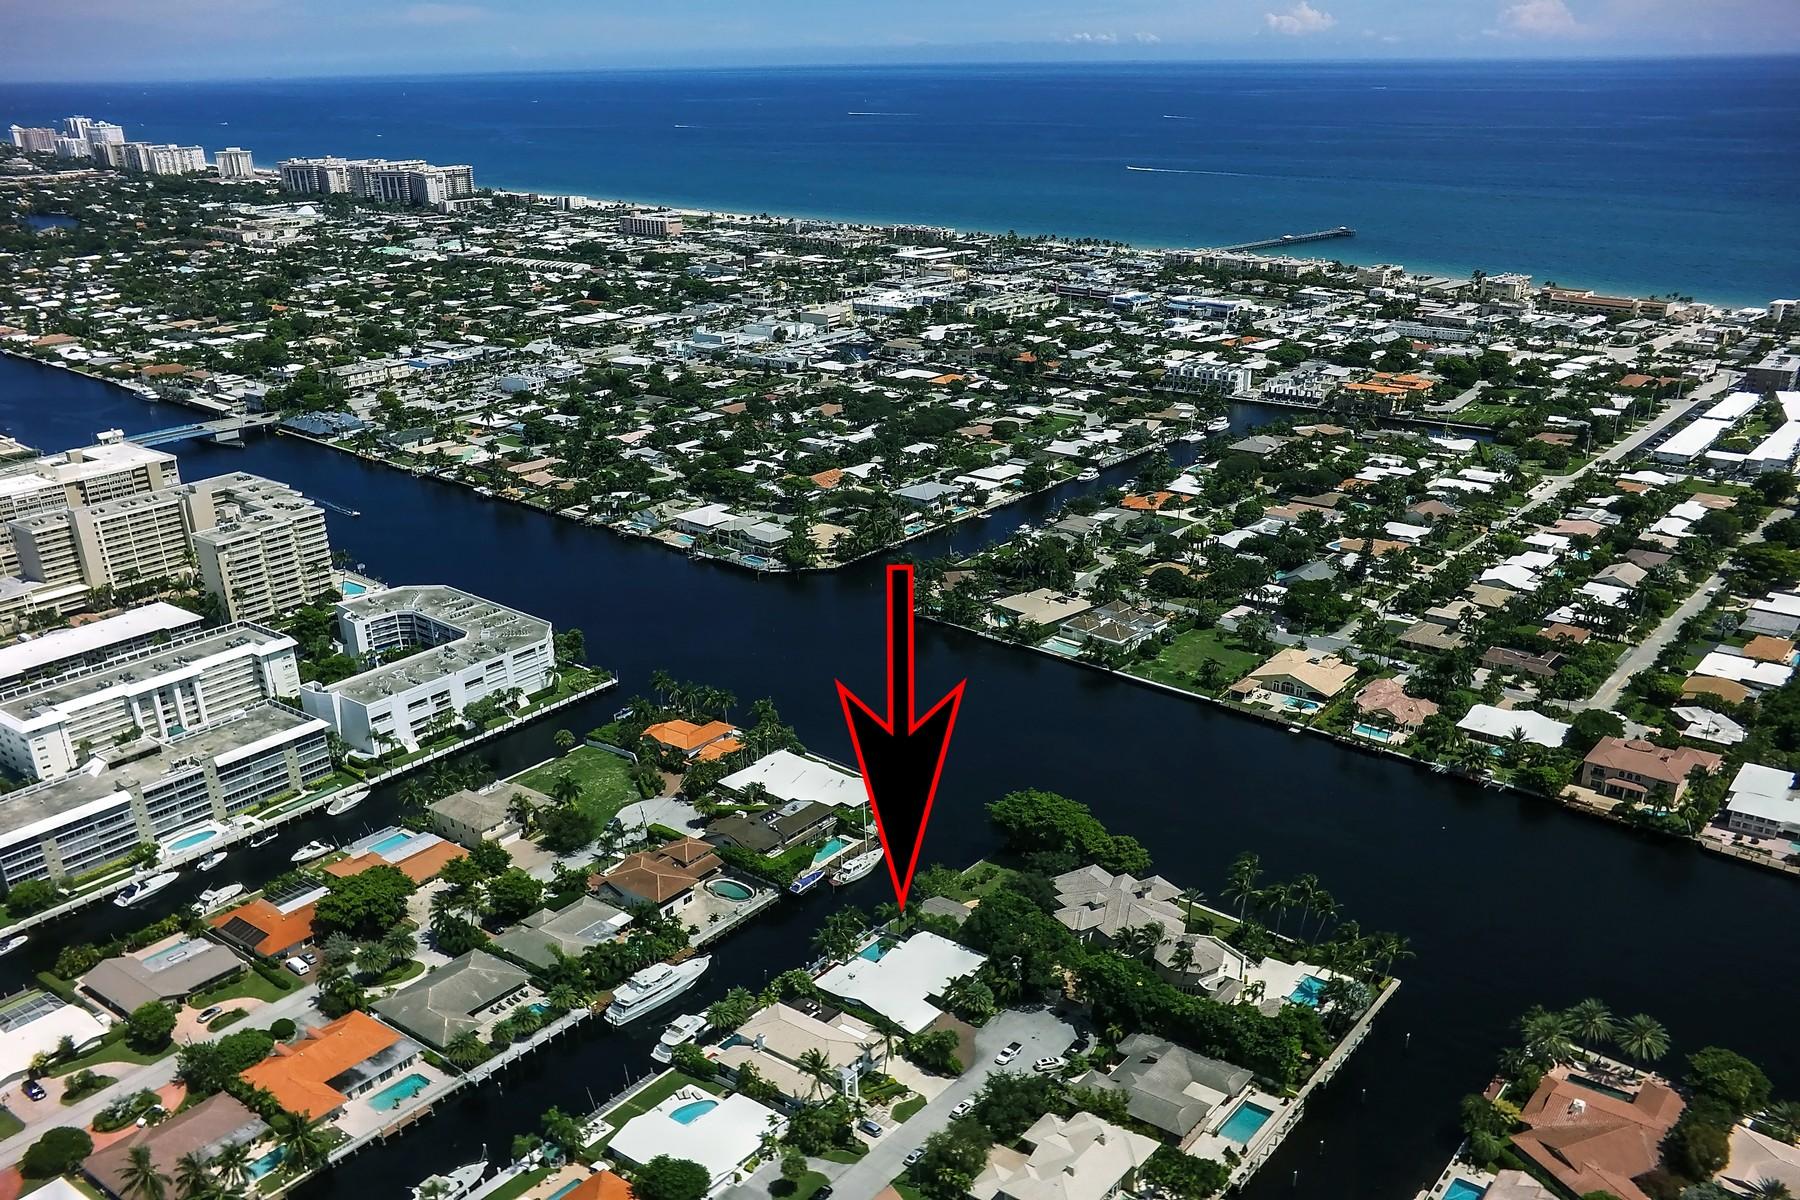 Casa Unifamiliar por un Venta en Coral Ridge Country Club 3101 NE 46 ST Fort Lauderdale, Florida 33308 Estados Unidos